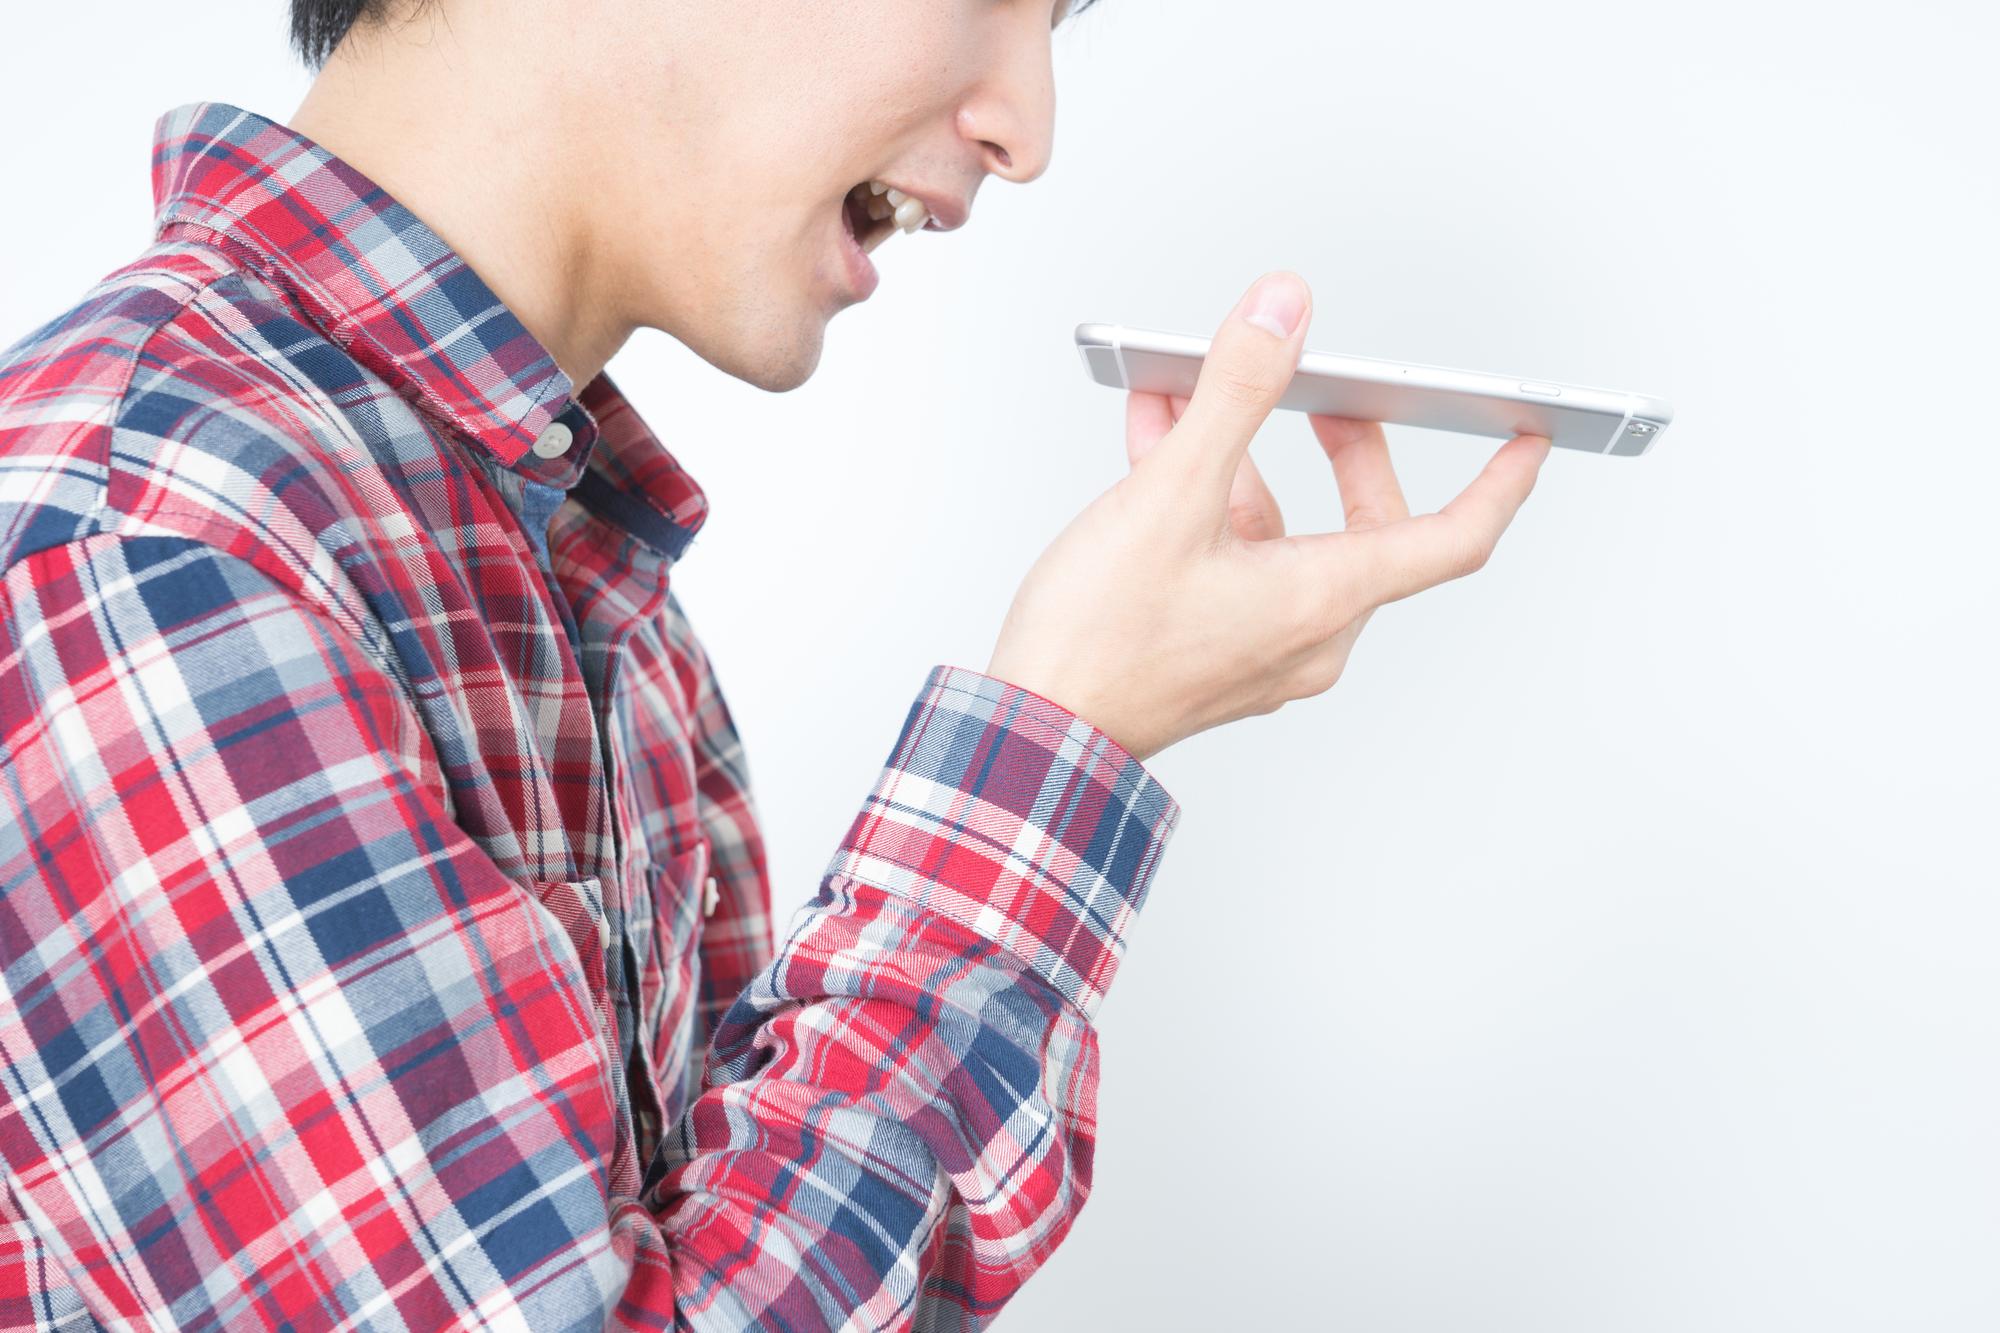 04(改訂版)_入力音でハッキングされる!?音声技術の現状と知っておきたいセキュリティ対策